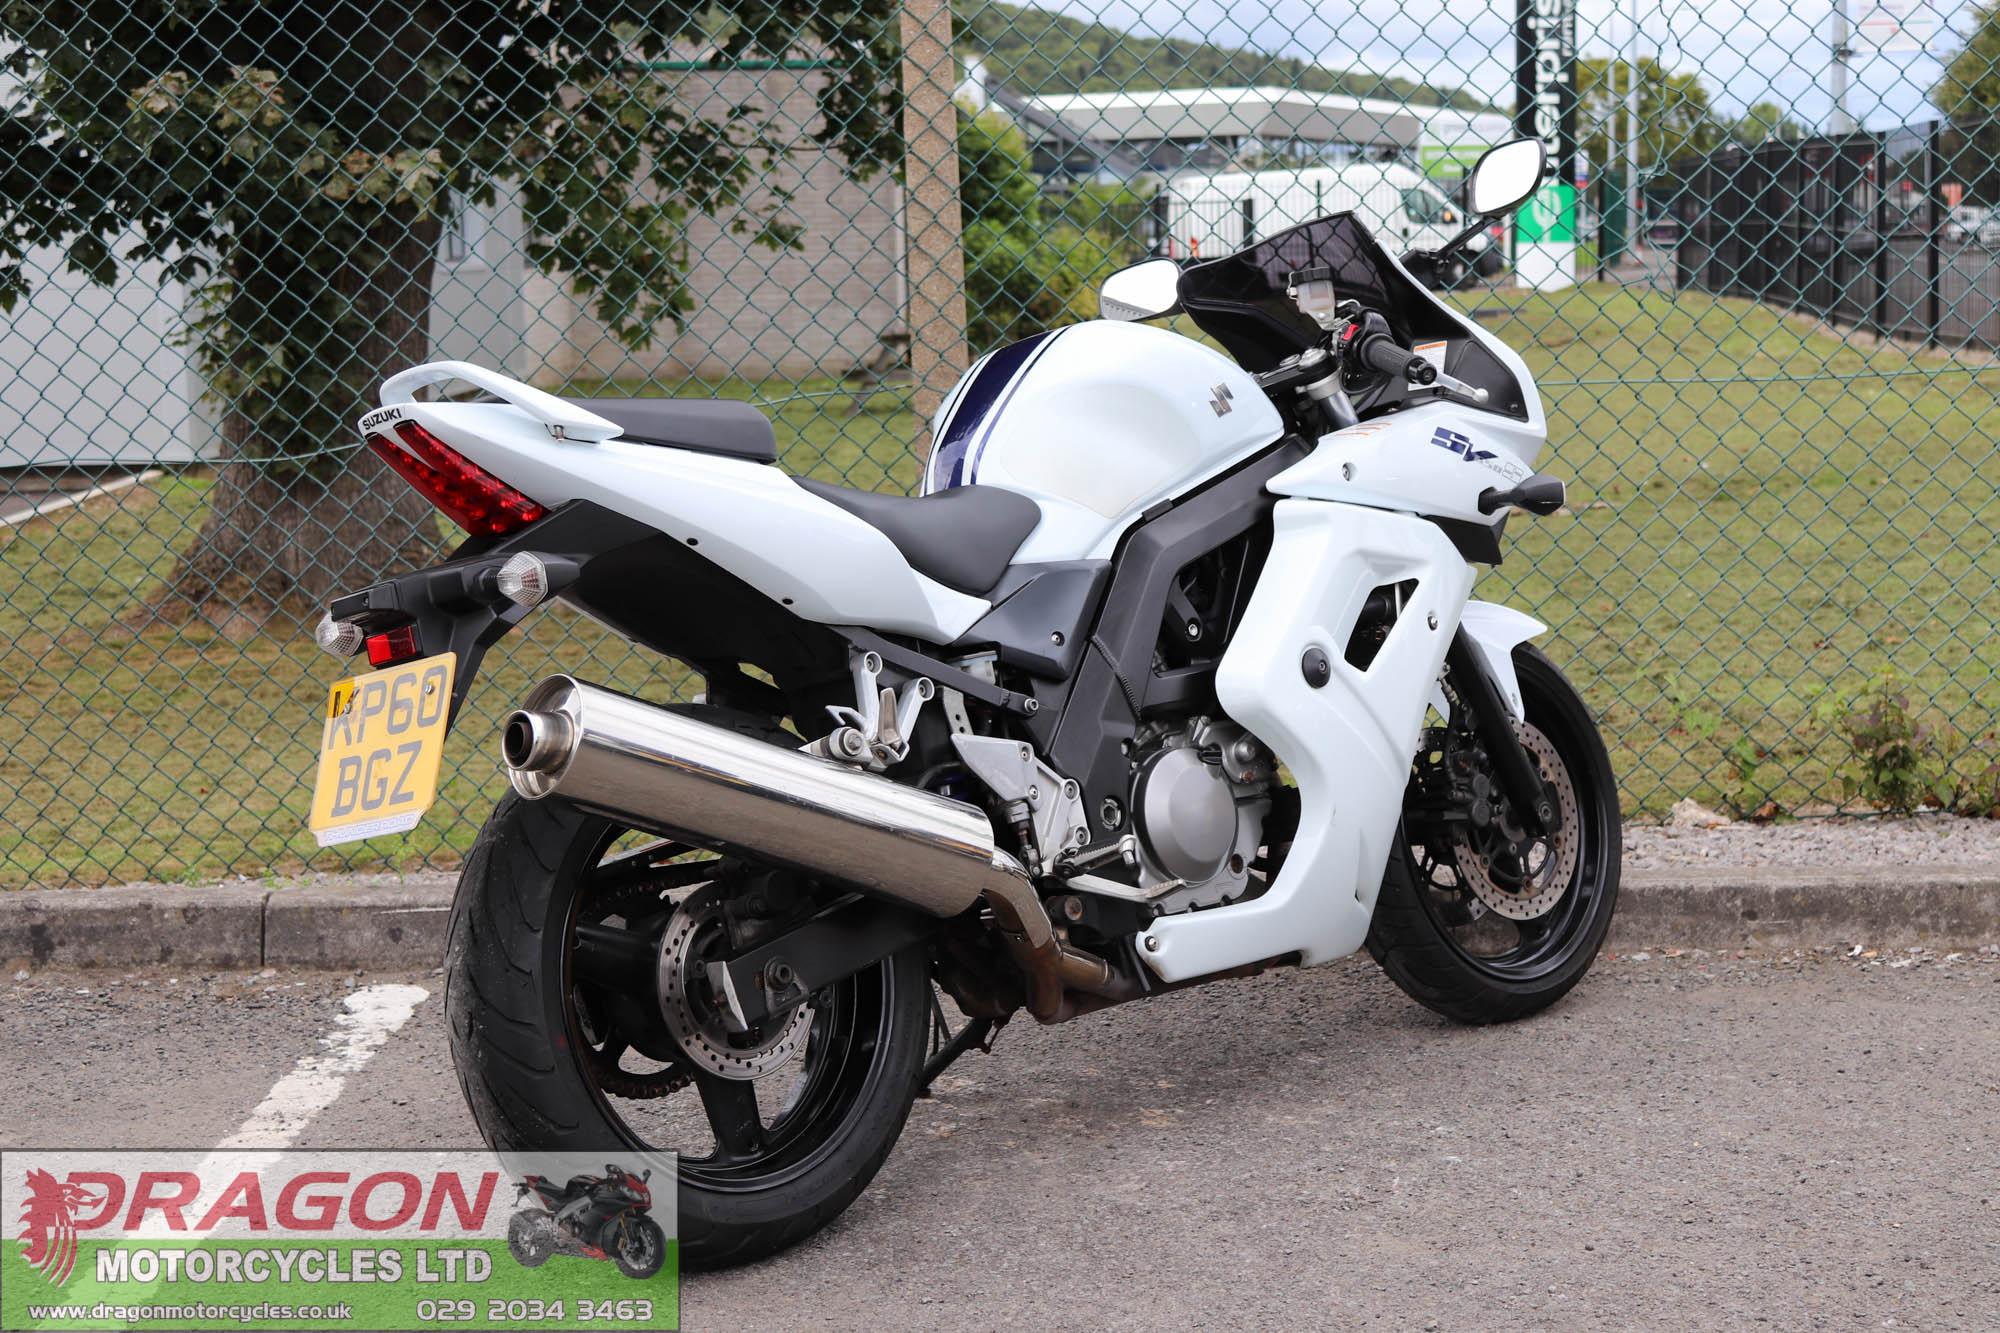 For Sale 2011 Suzuki SV650S   White/Blue   Six speed